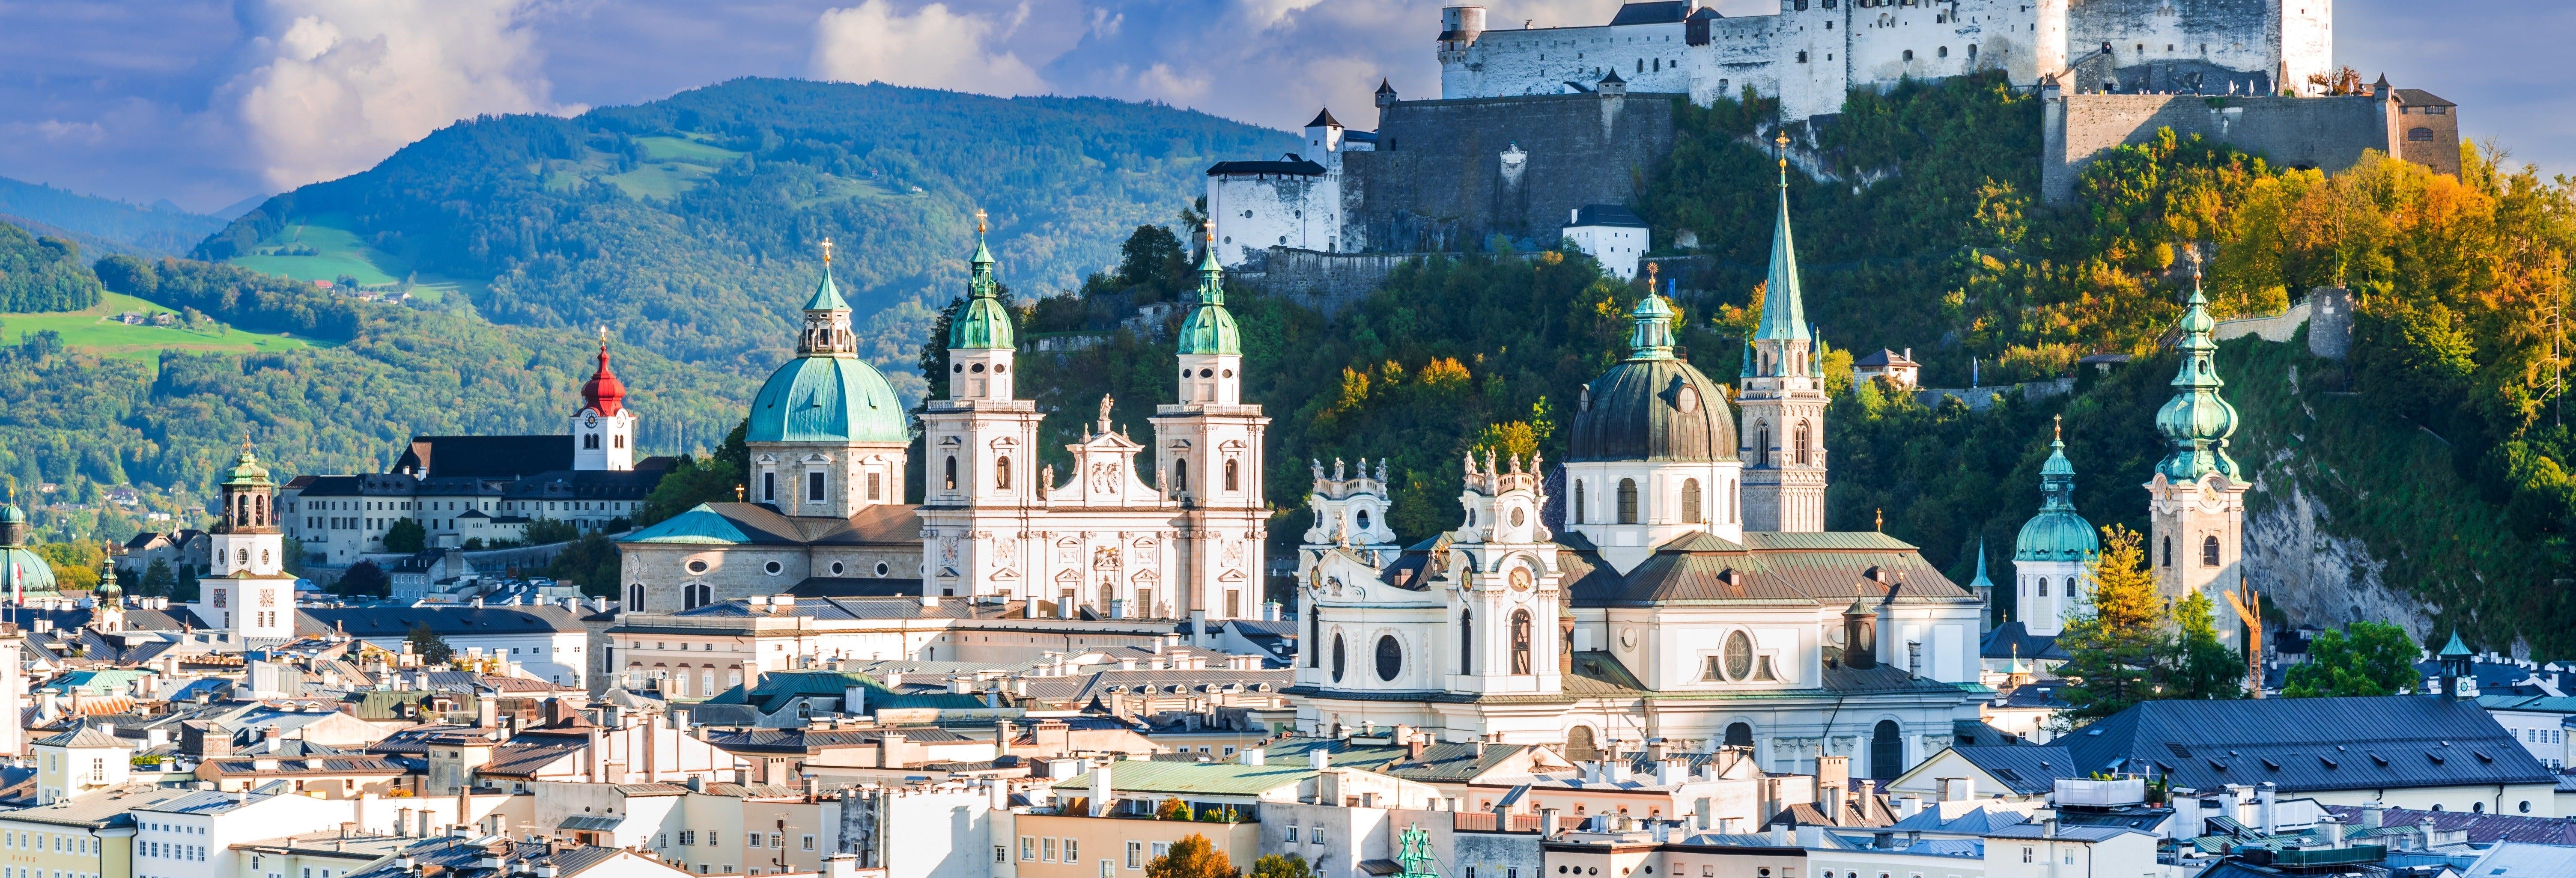 Tour privado por Salzburgo con guía en español